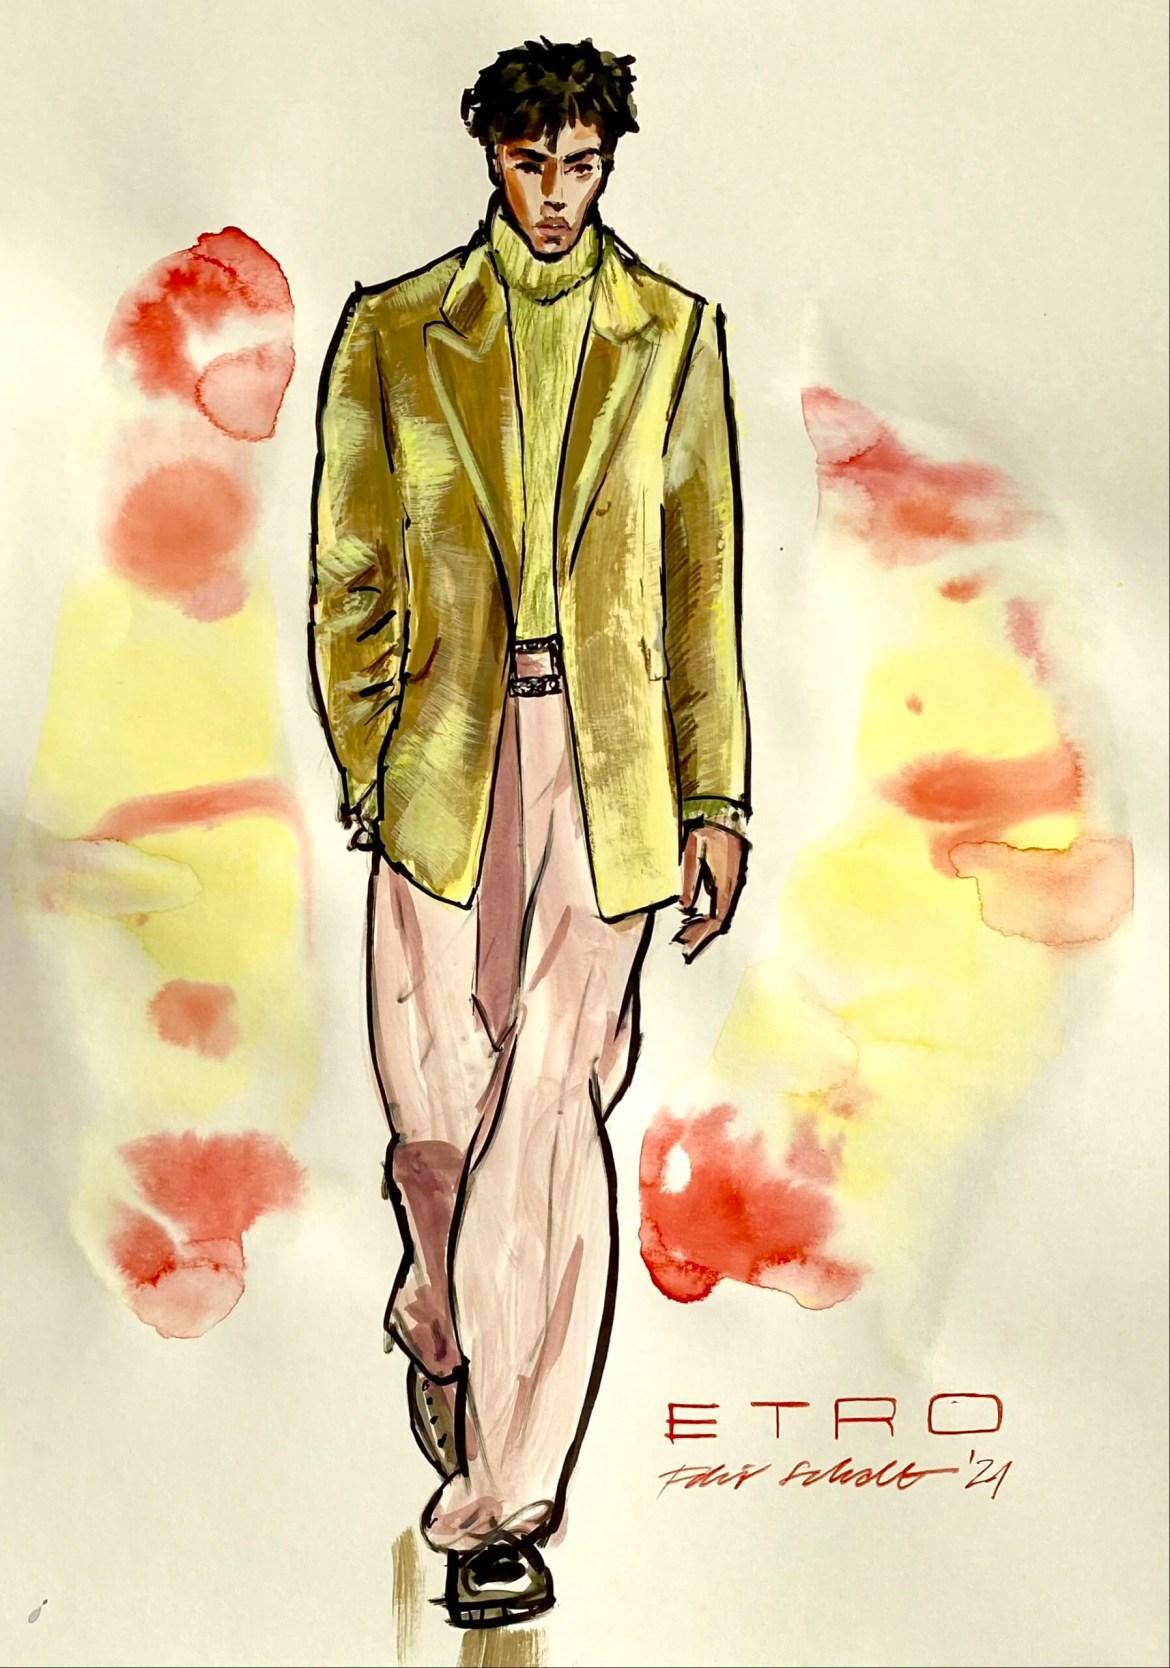 Modeillustration eines männlichen models mit goldgelbem samtjacket